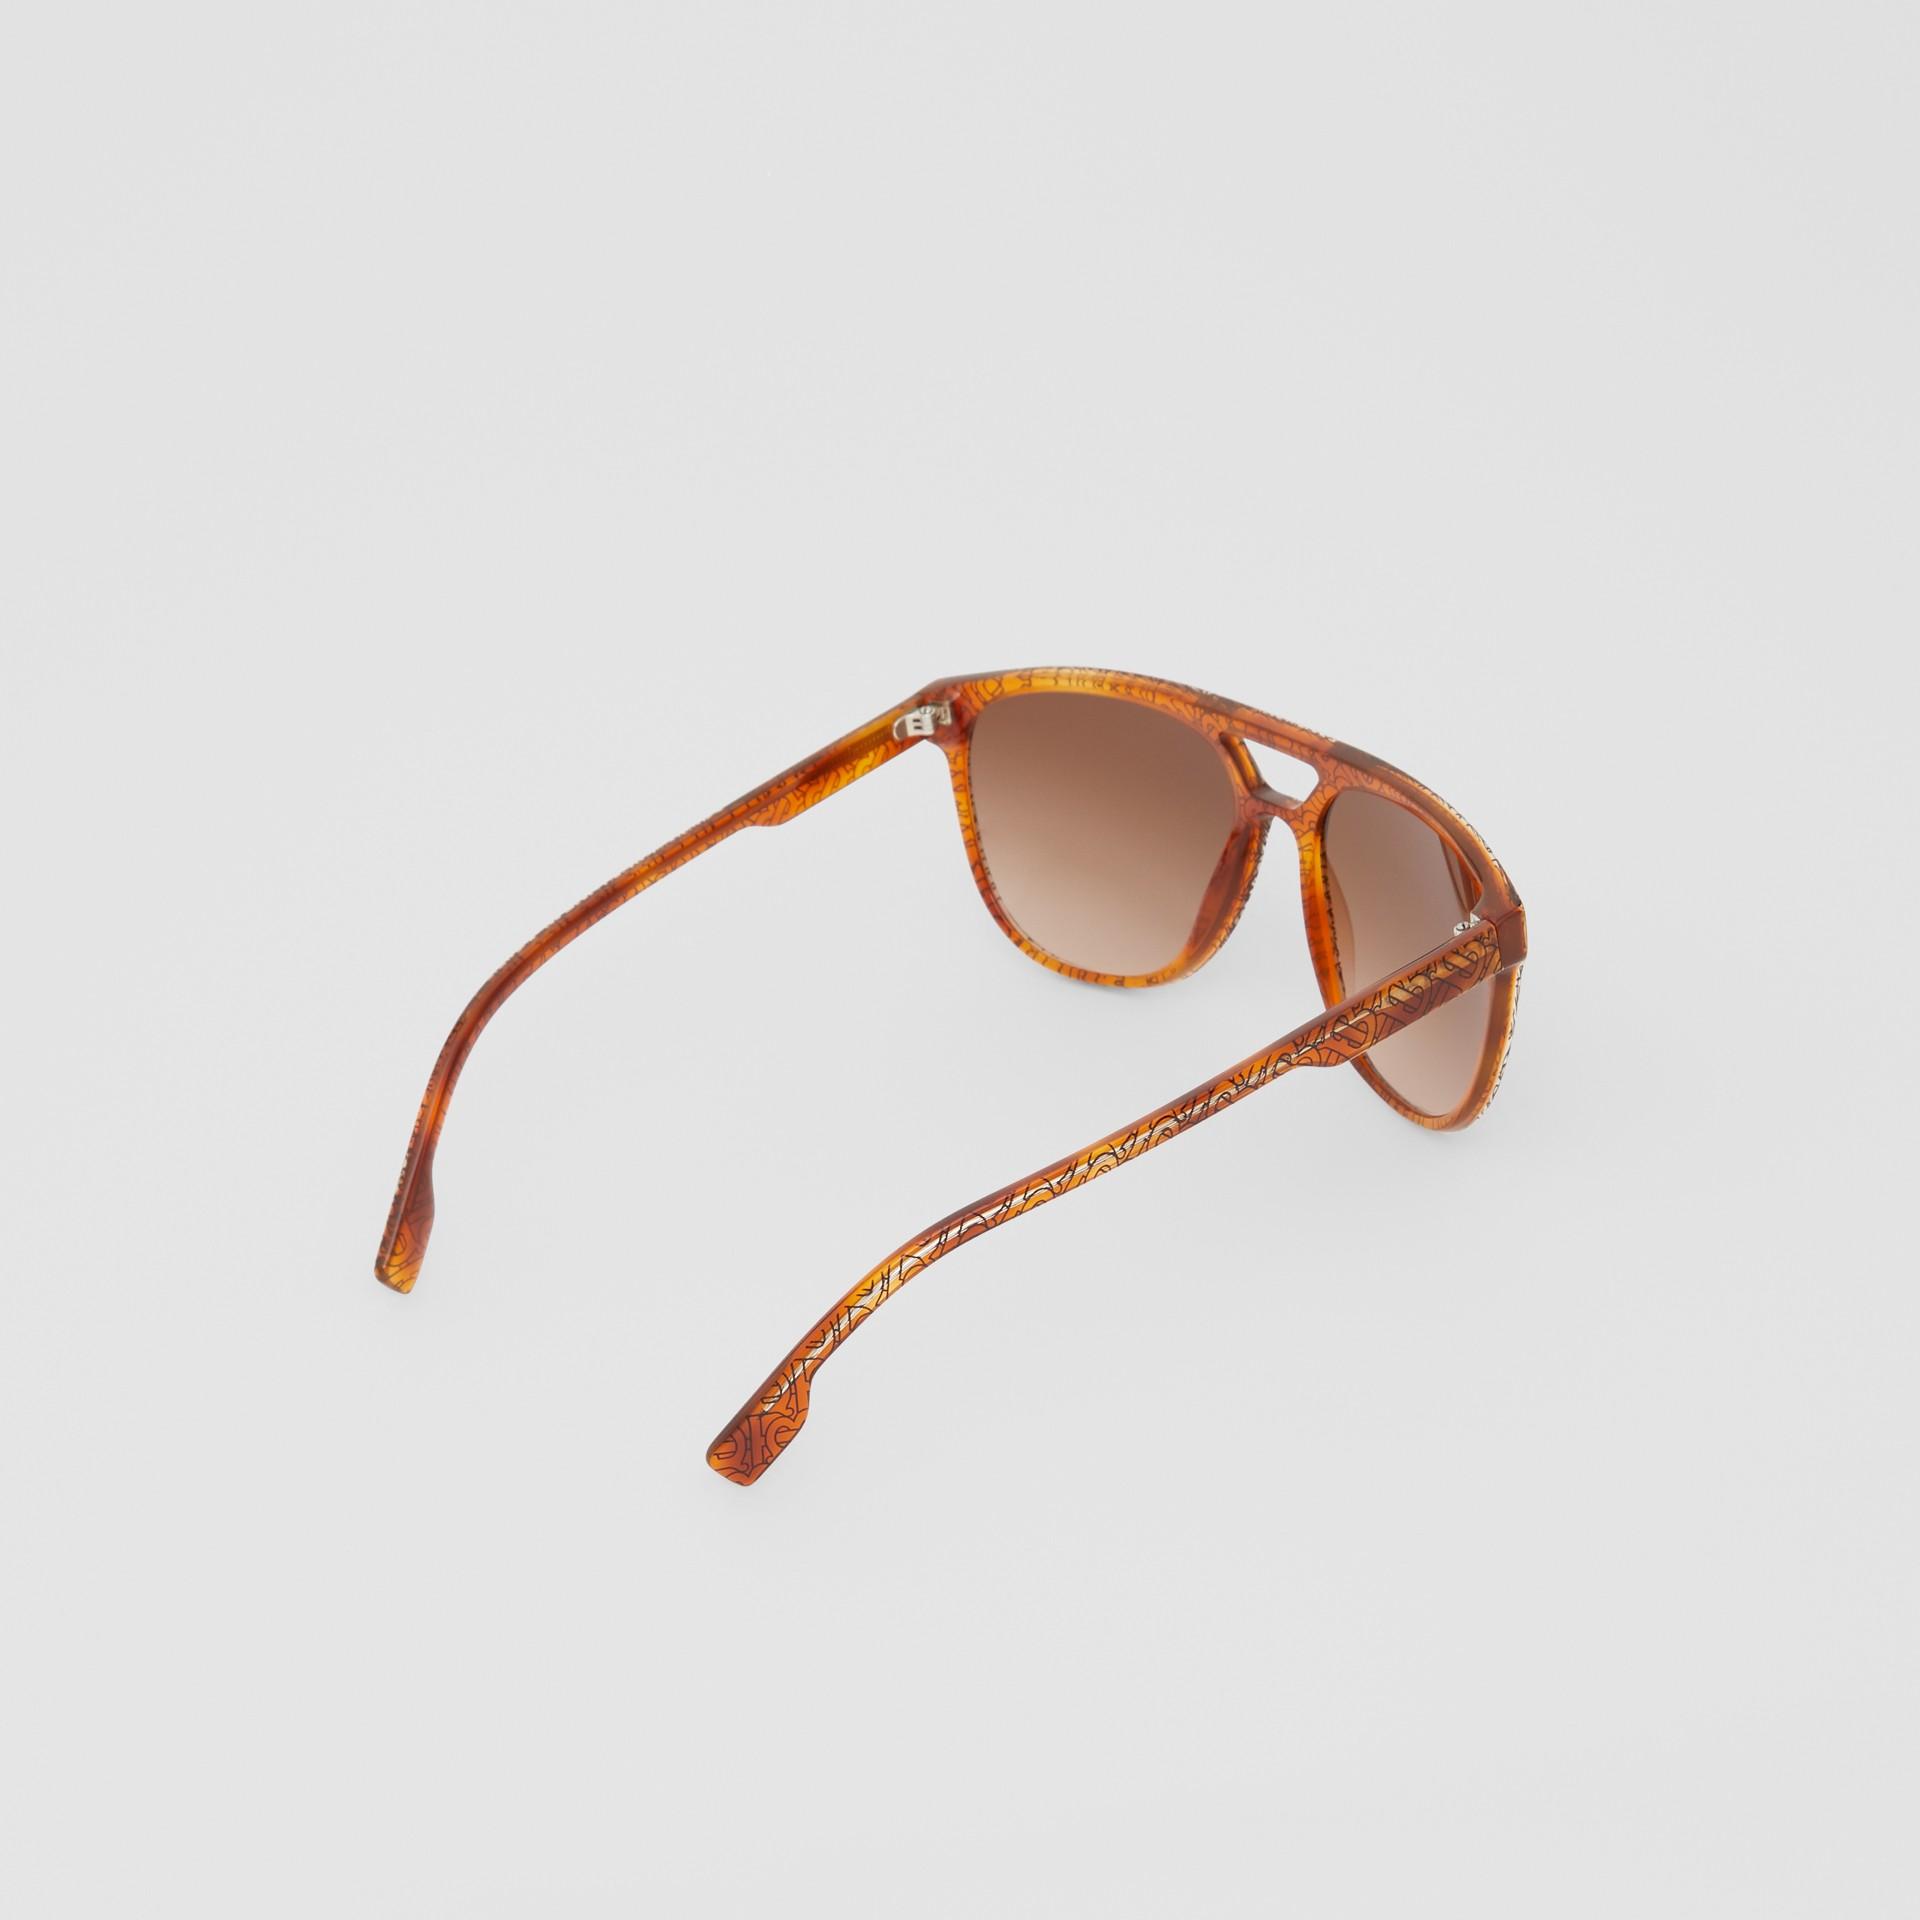 領航員太陽眼鏡 (玳瑁紋琥珀色) - 男款 | Burberry - 圖庫照片 4